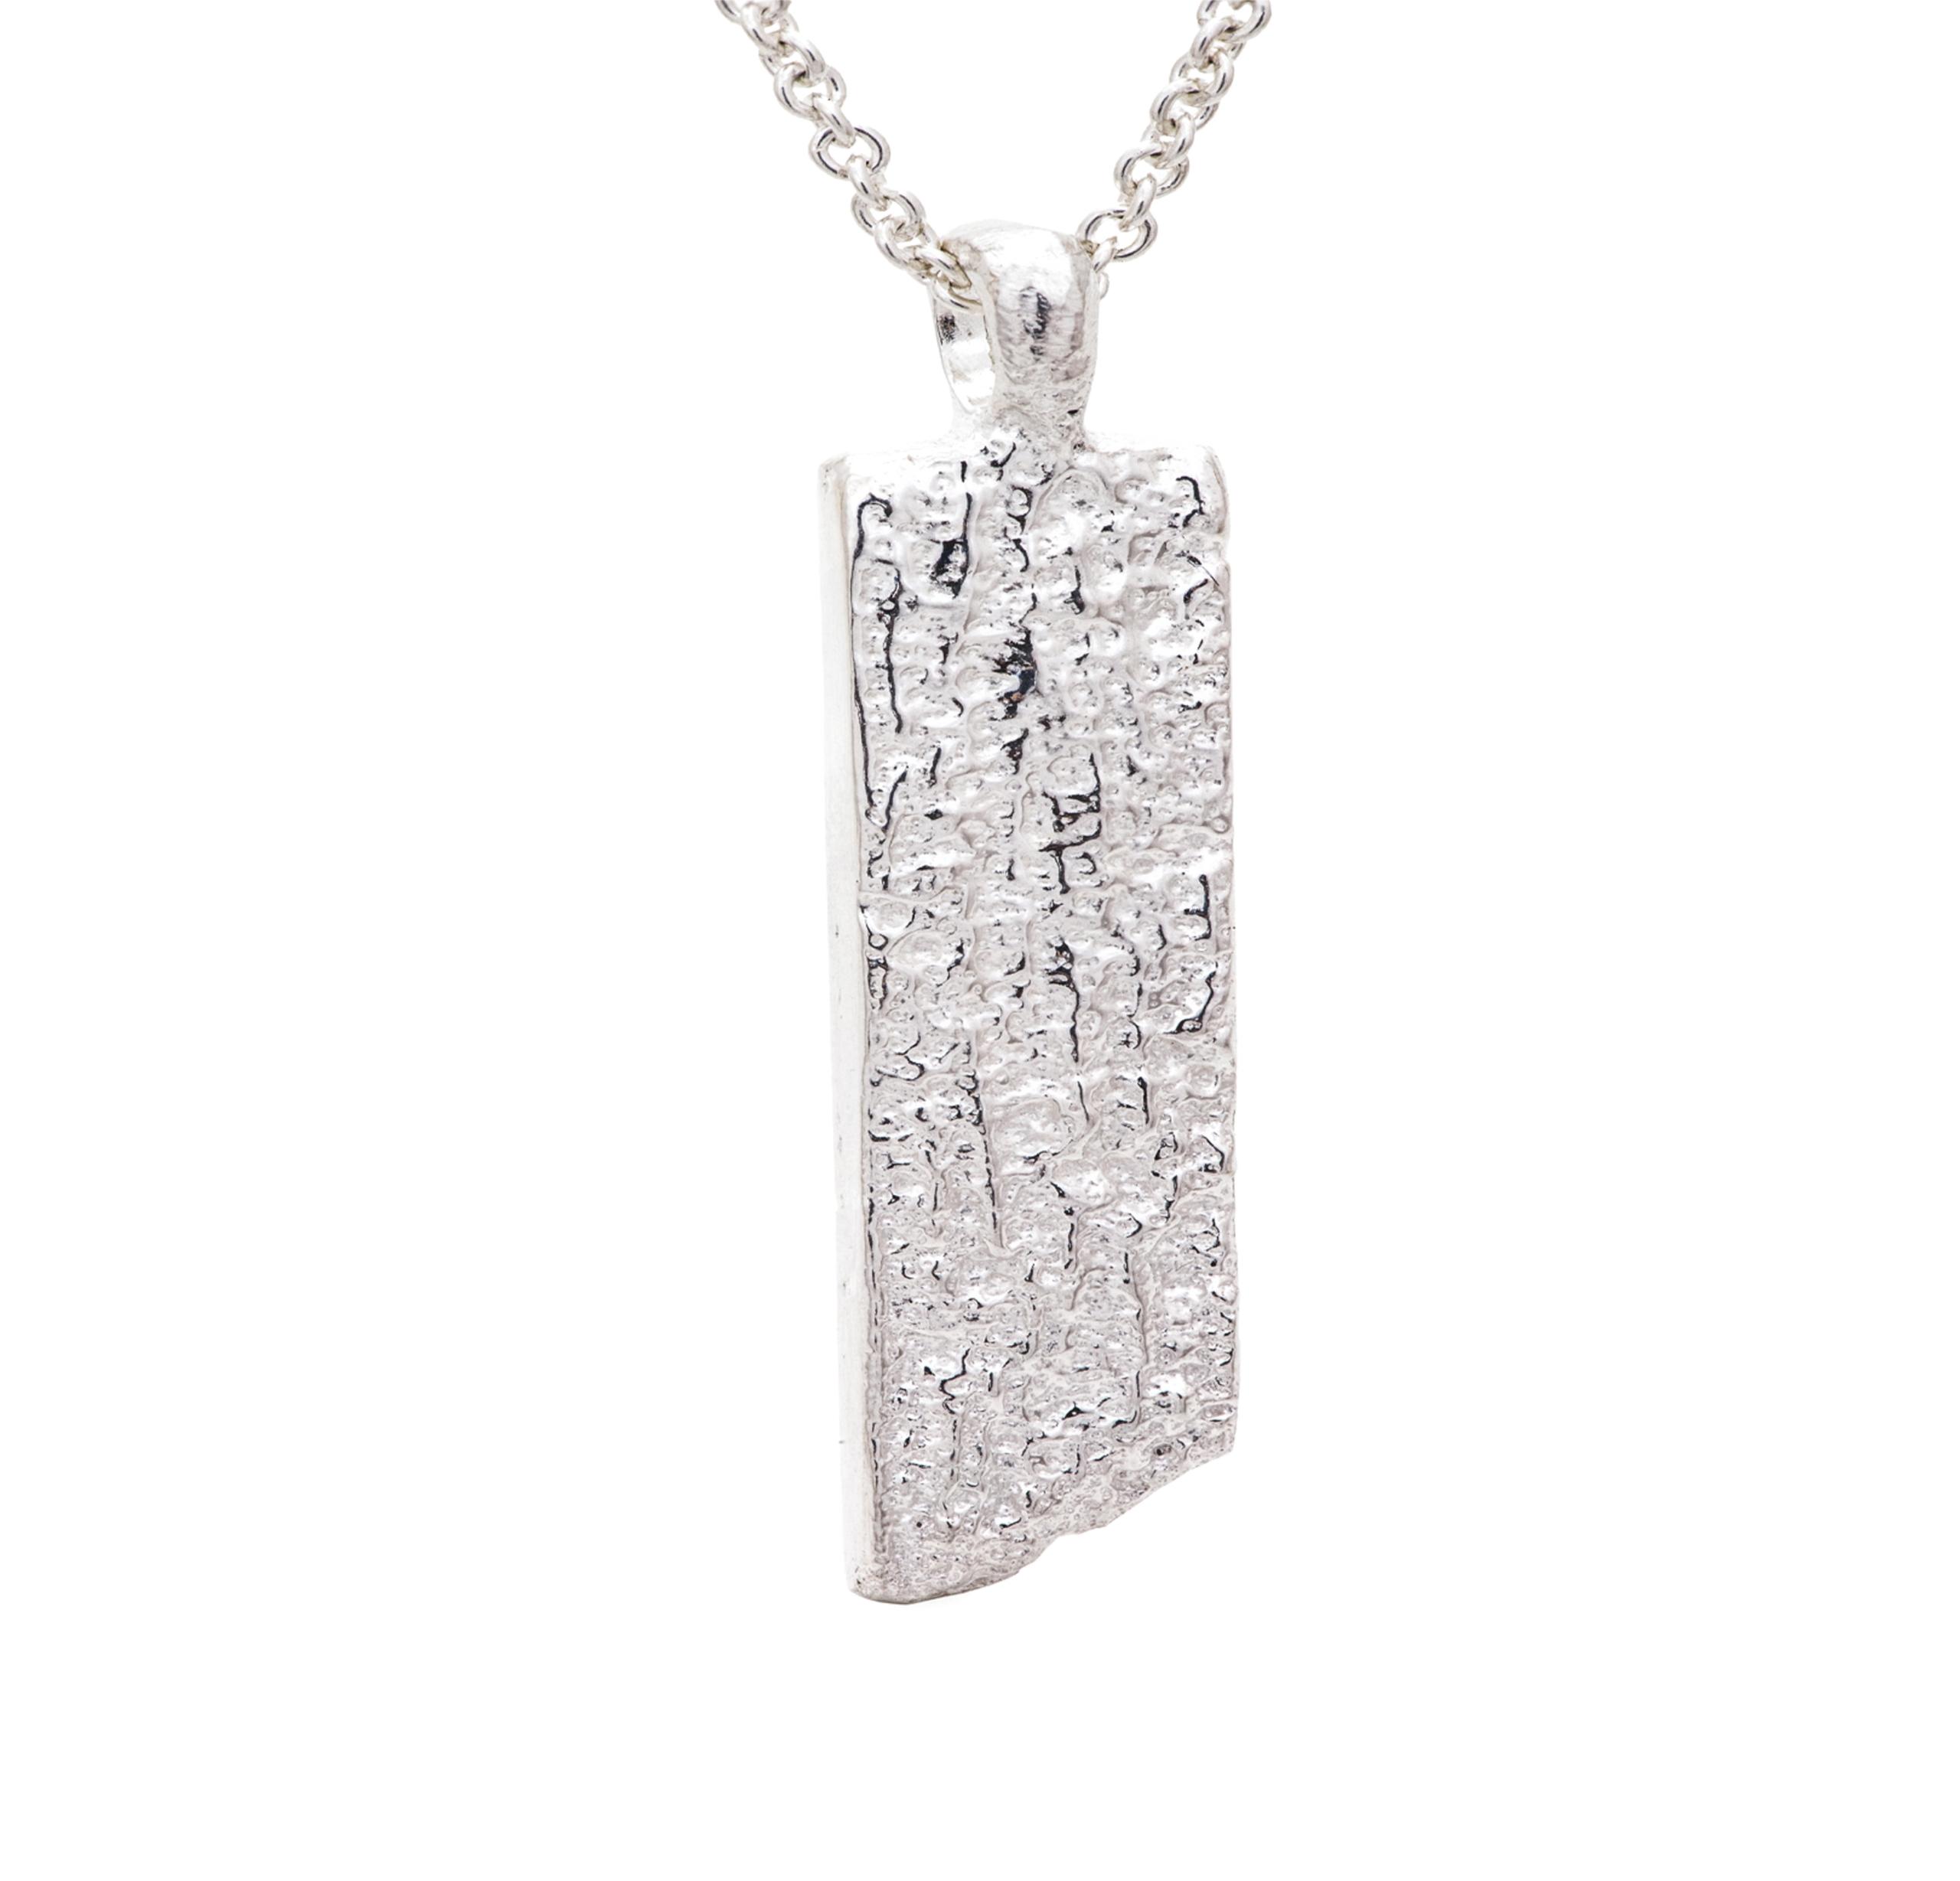 Pendant in silver